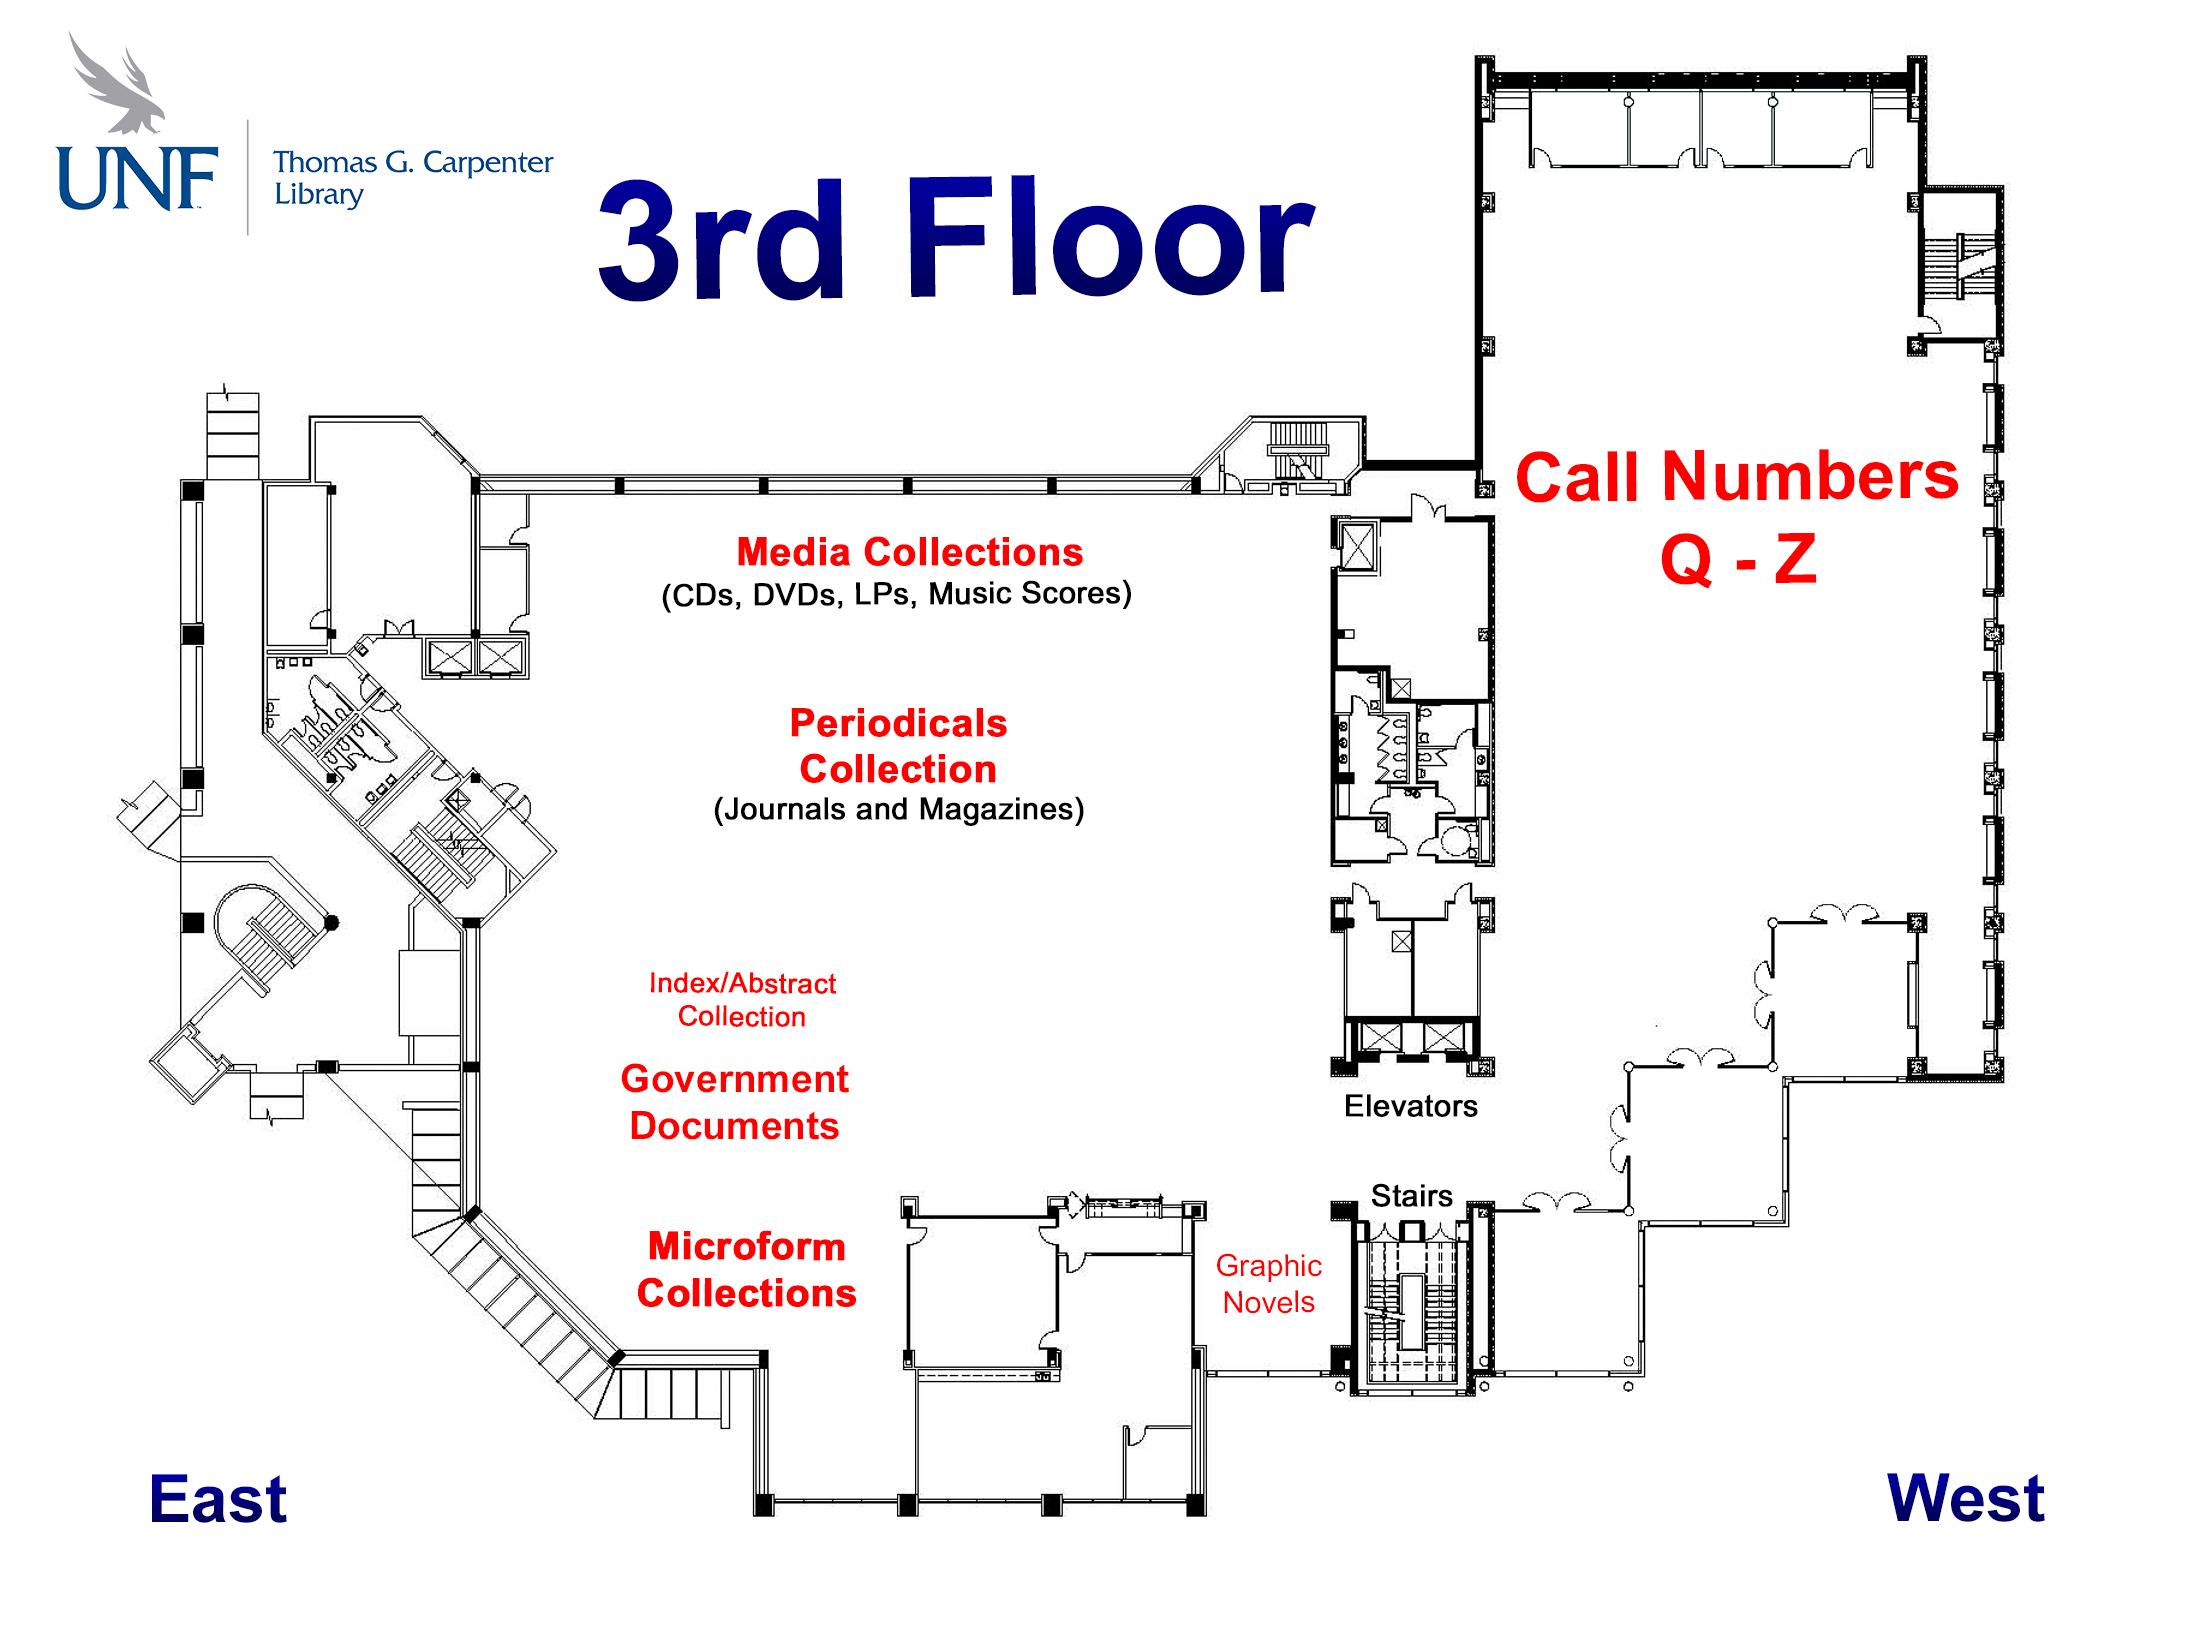 3rd Floor Map